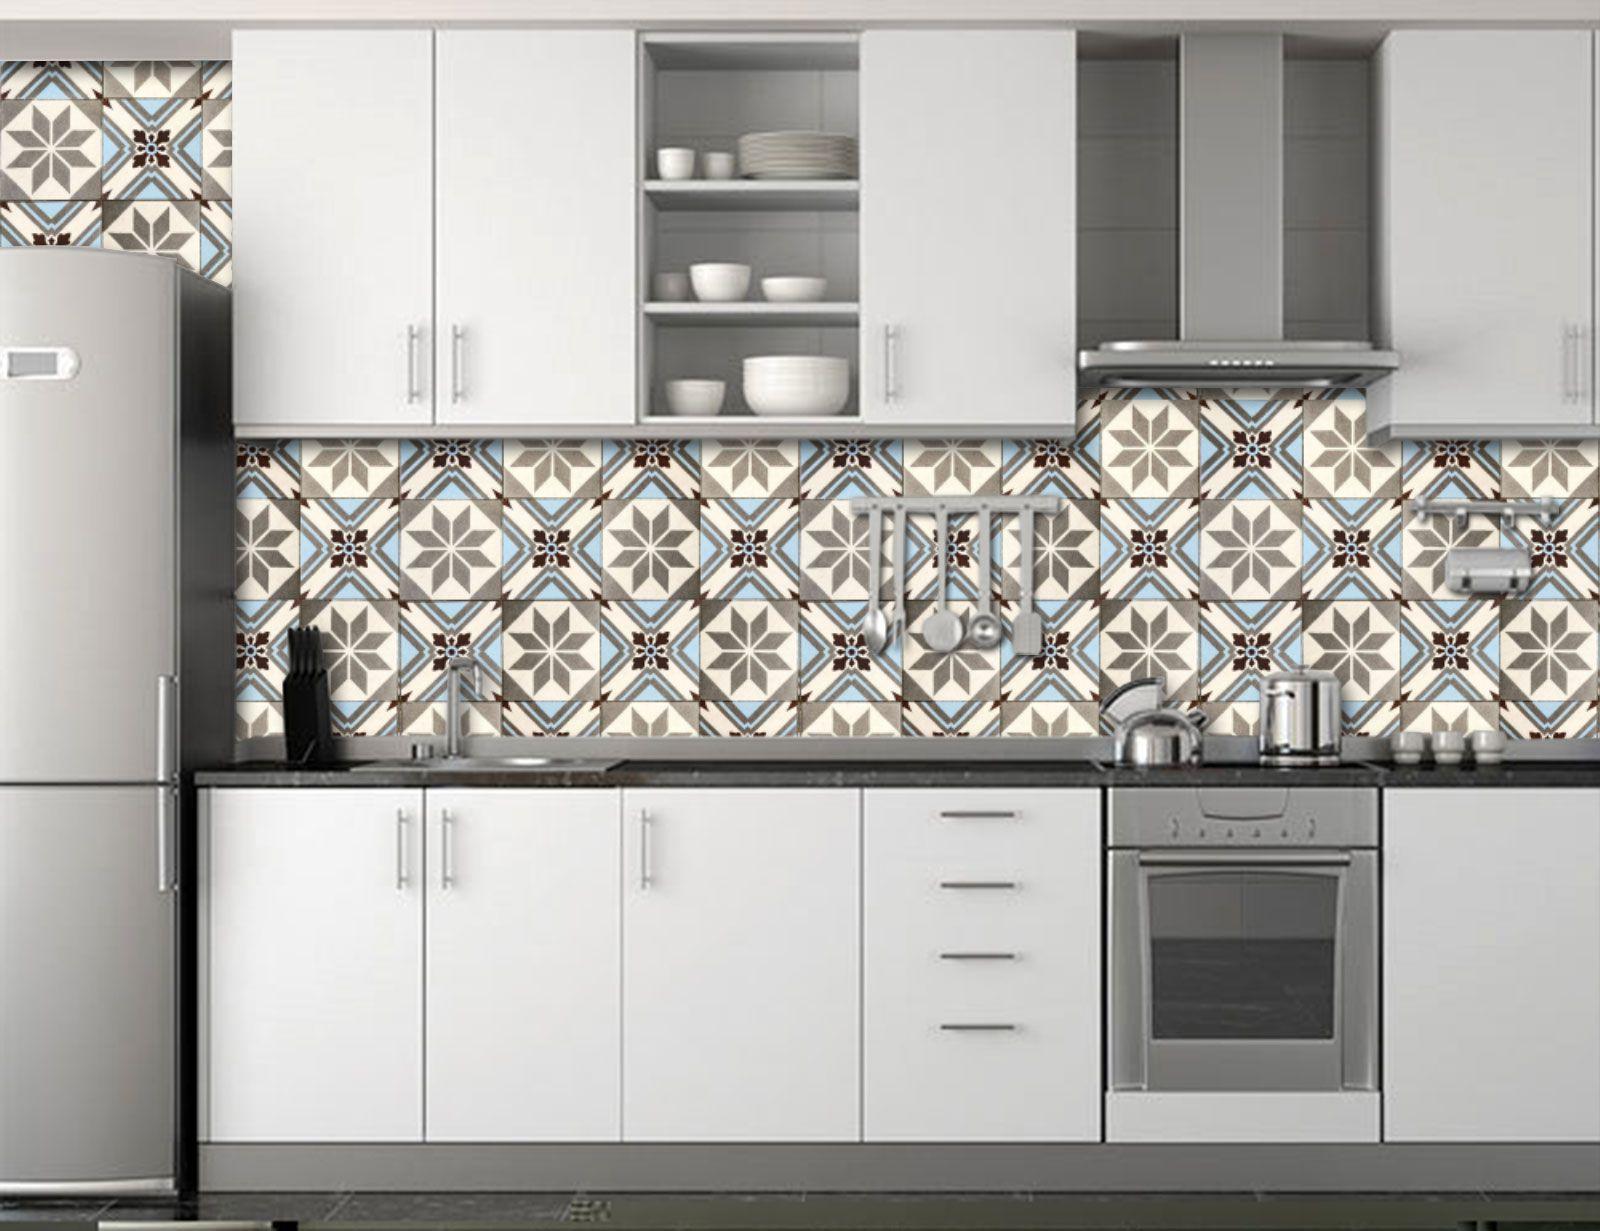 Papel de Parede para Cozinha Azulejos 0014 - Adesivos de Parede  - Paredes Decoradas